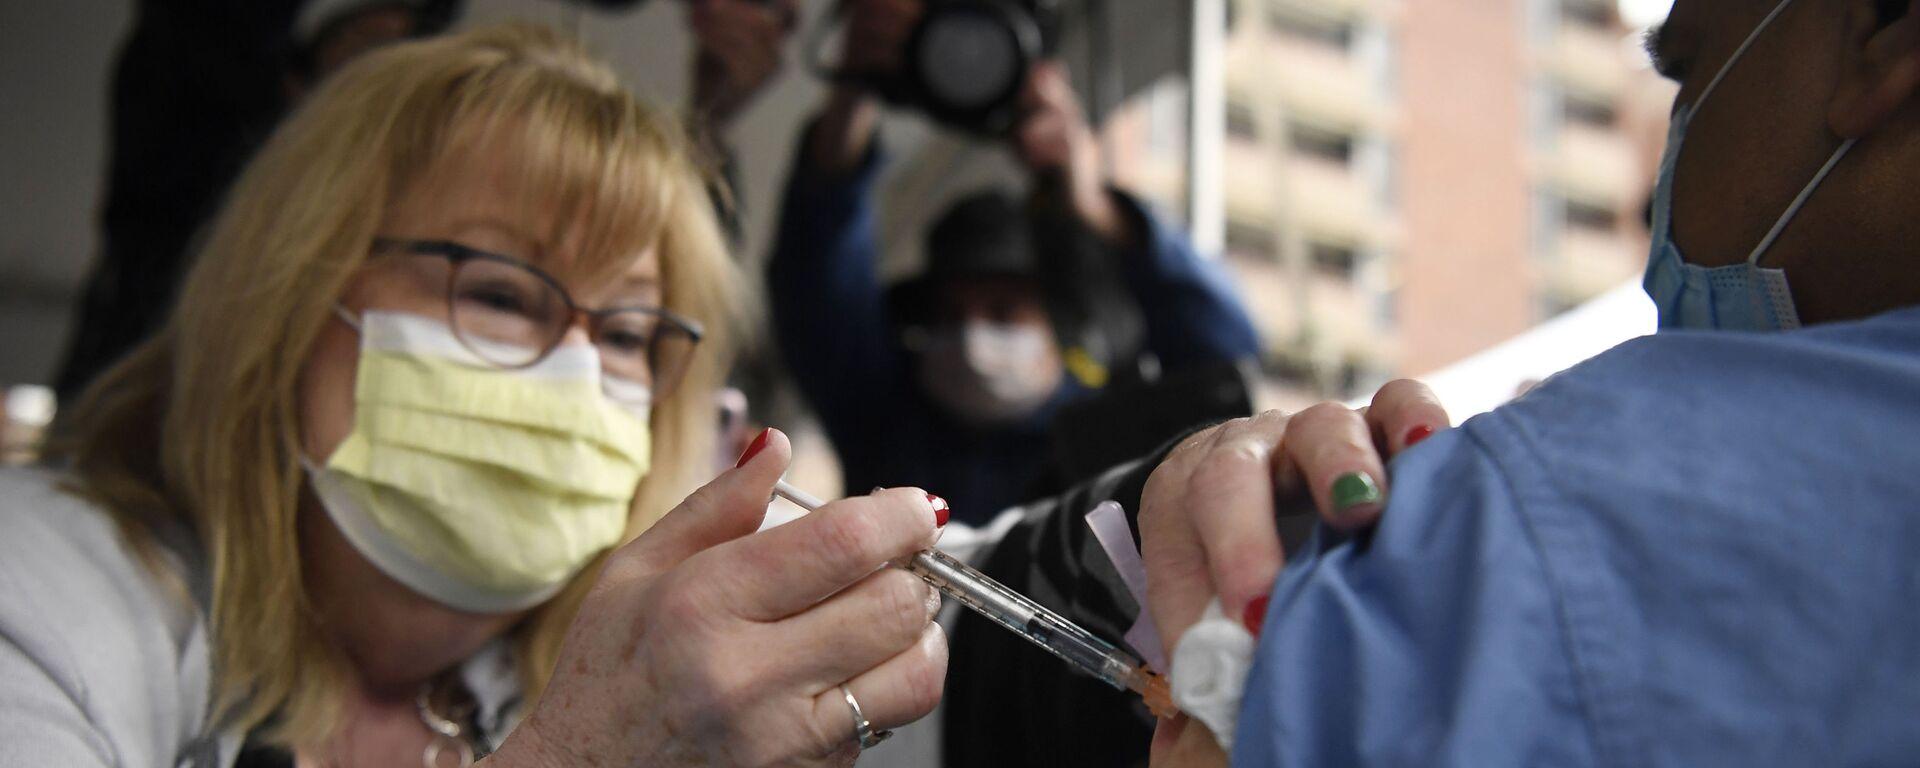 Здравствени радници у САД примају вакцину компанија Фајзер Бајонтек - Sputnik Србија, 1920, 26.09.2021